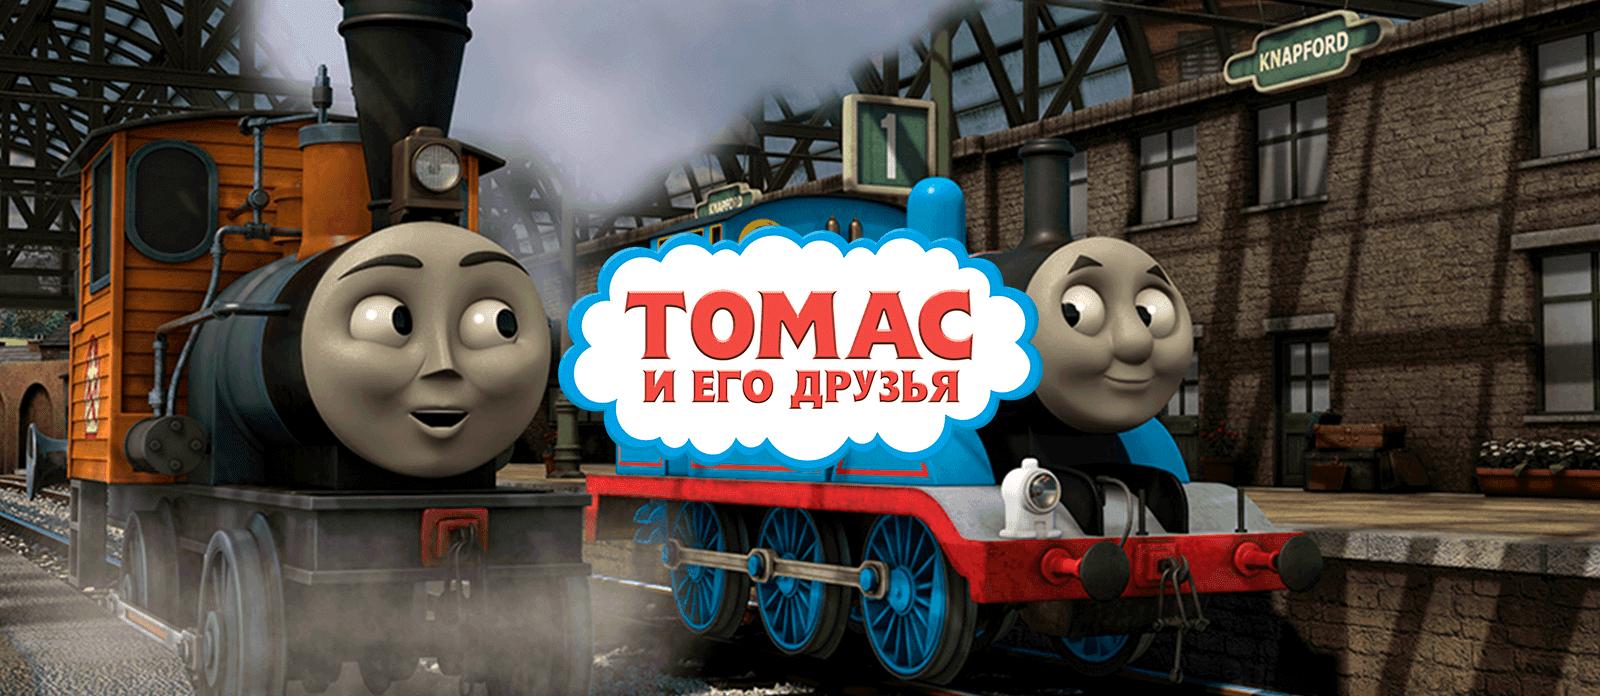 Томас и его друзья. Большой мир! Большие приключения!